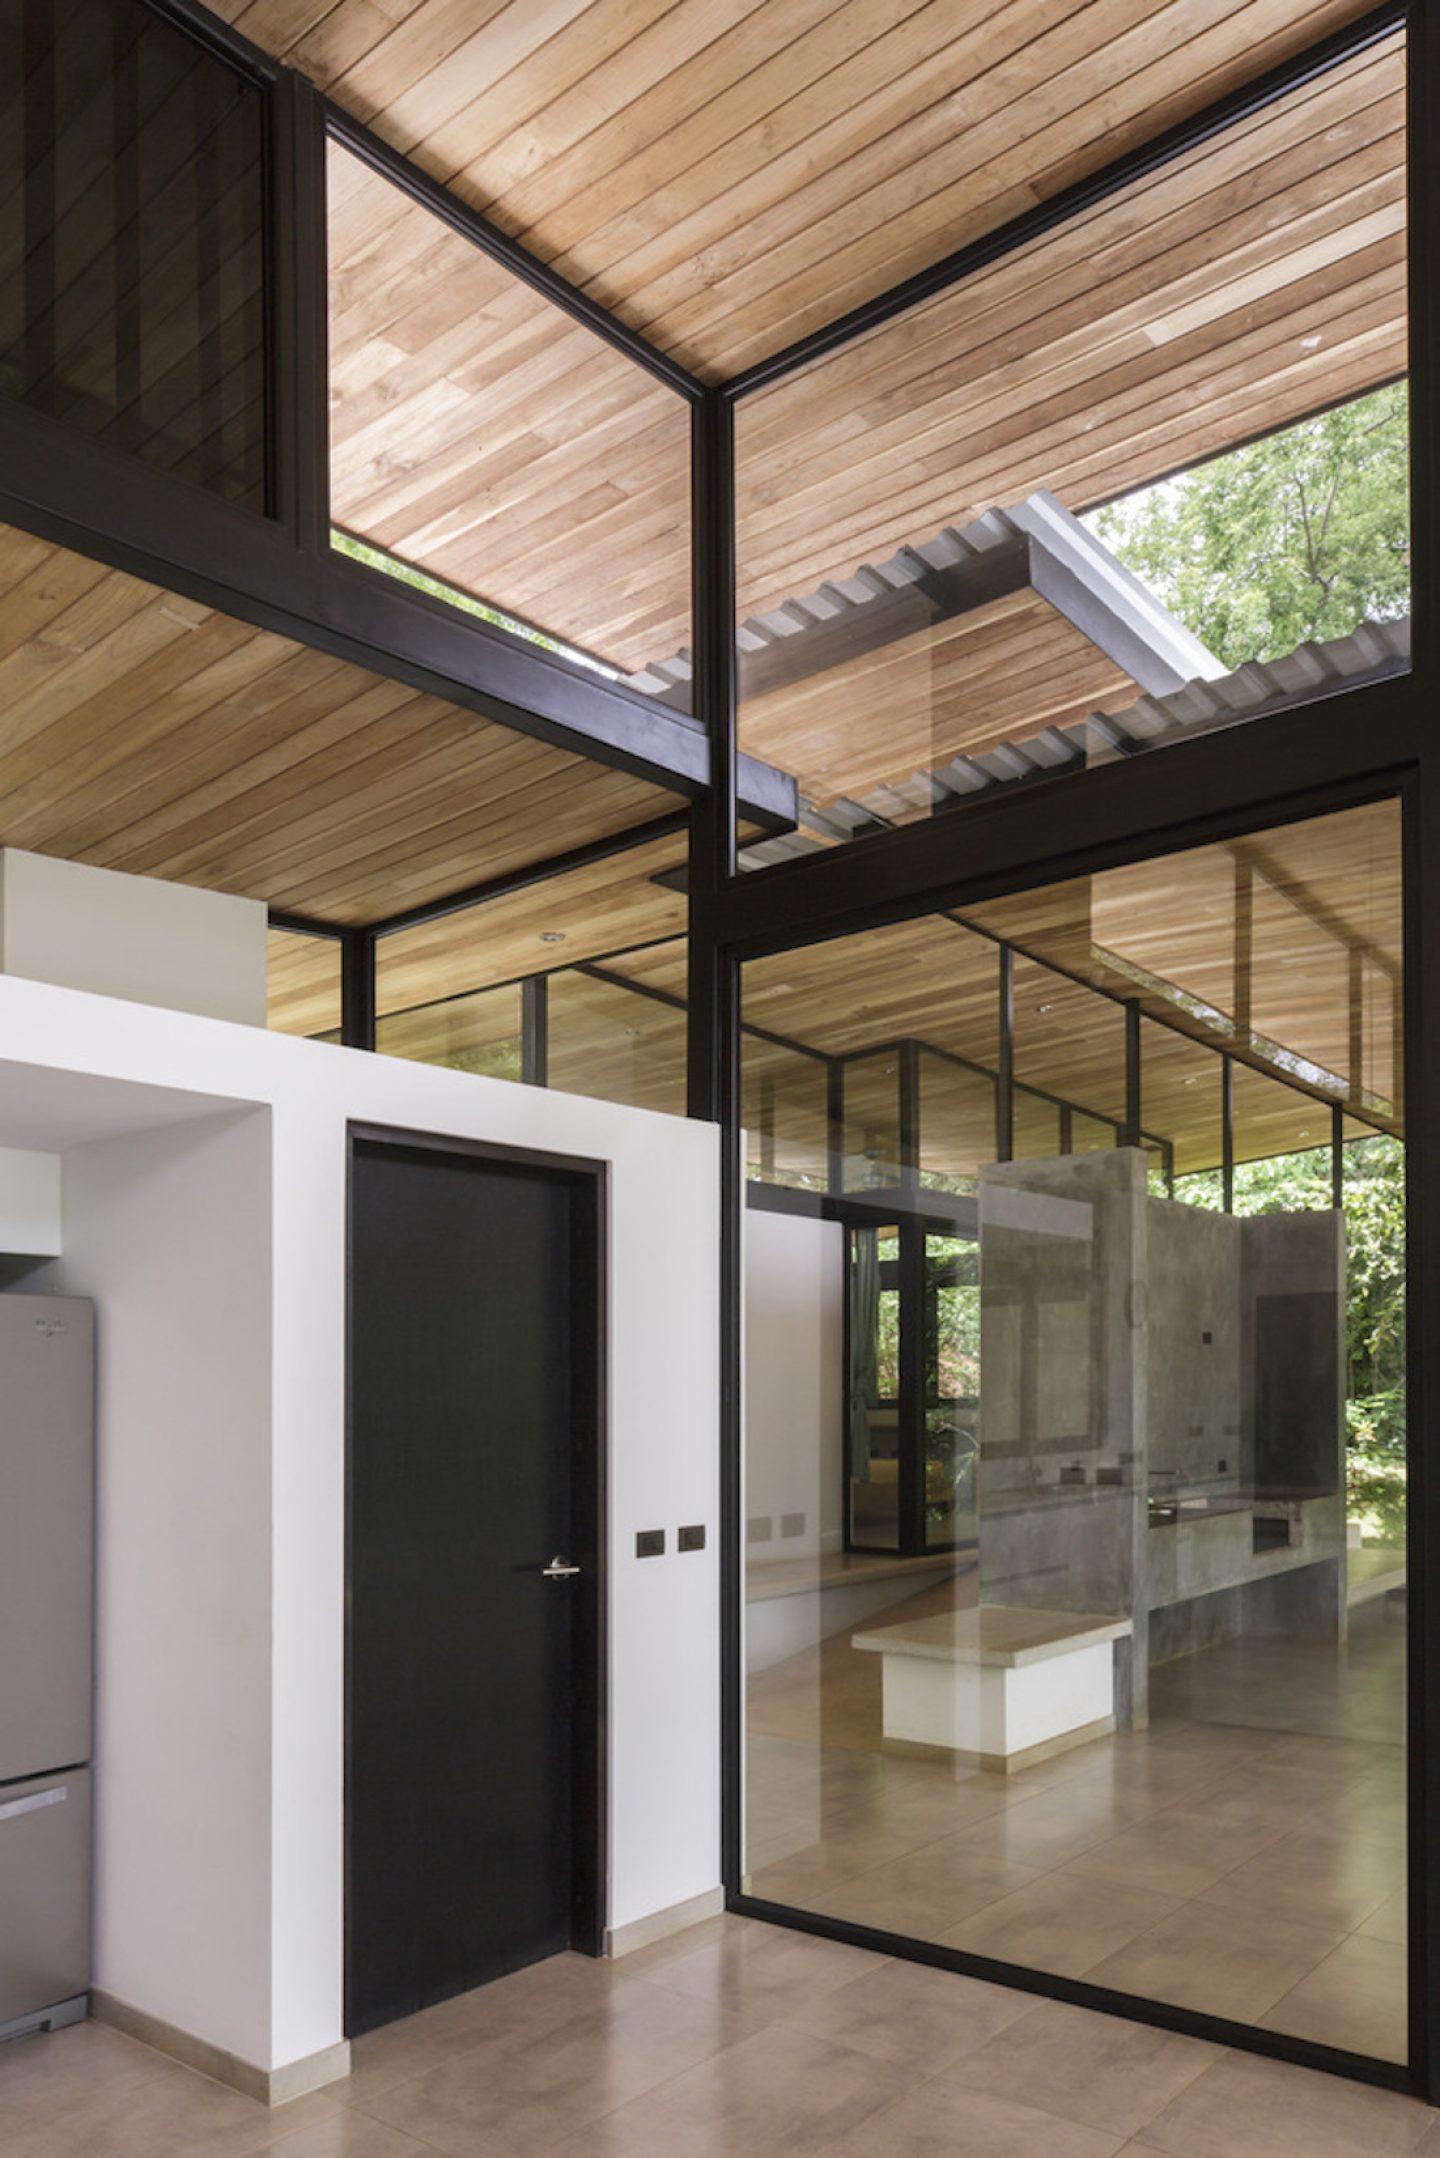 iGNANT_Architecture_Las_Hojas_House_Os_Arquitectura_16